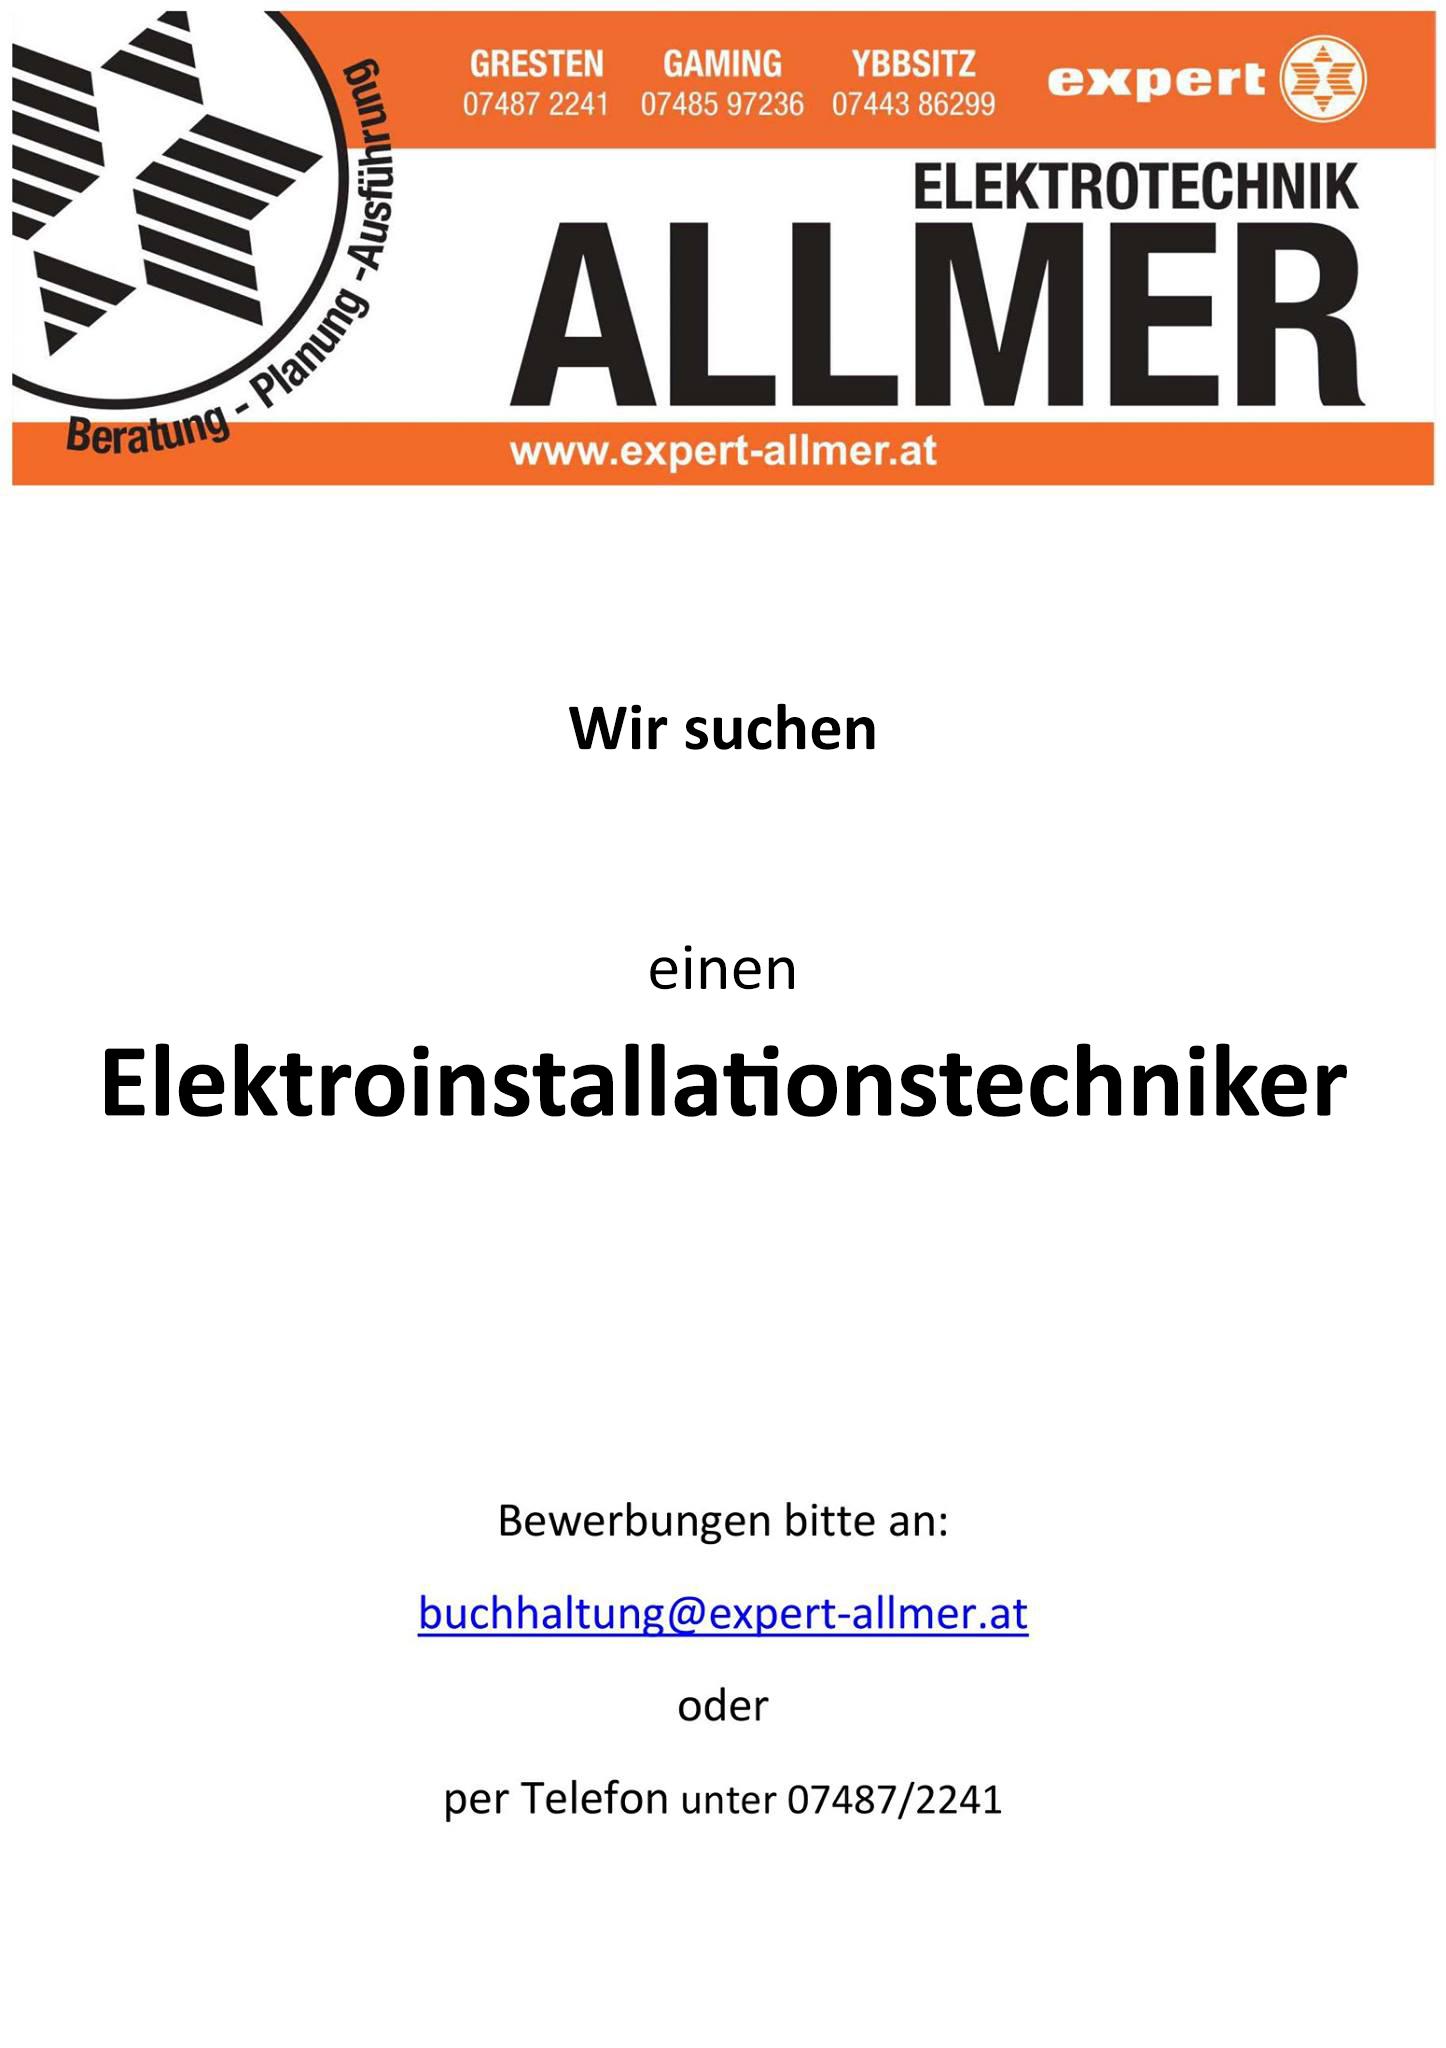 Berühmt Ein Kabelgenerator Subaru Ideen - Die Besten Elektrischen ...